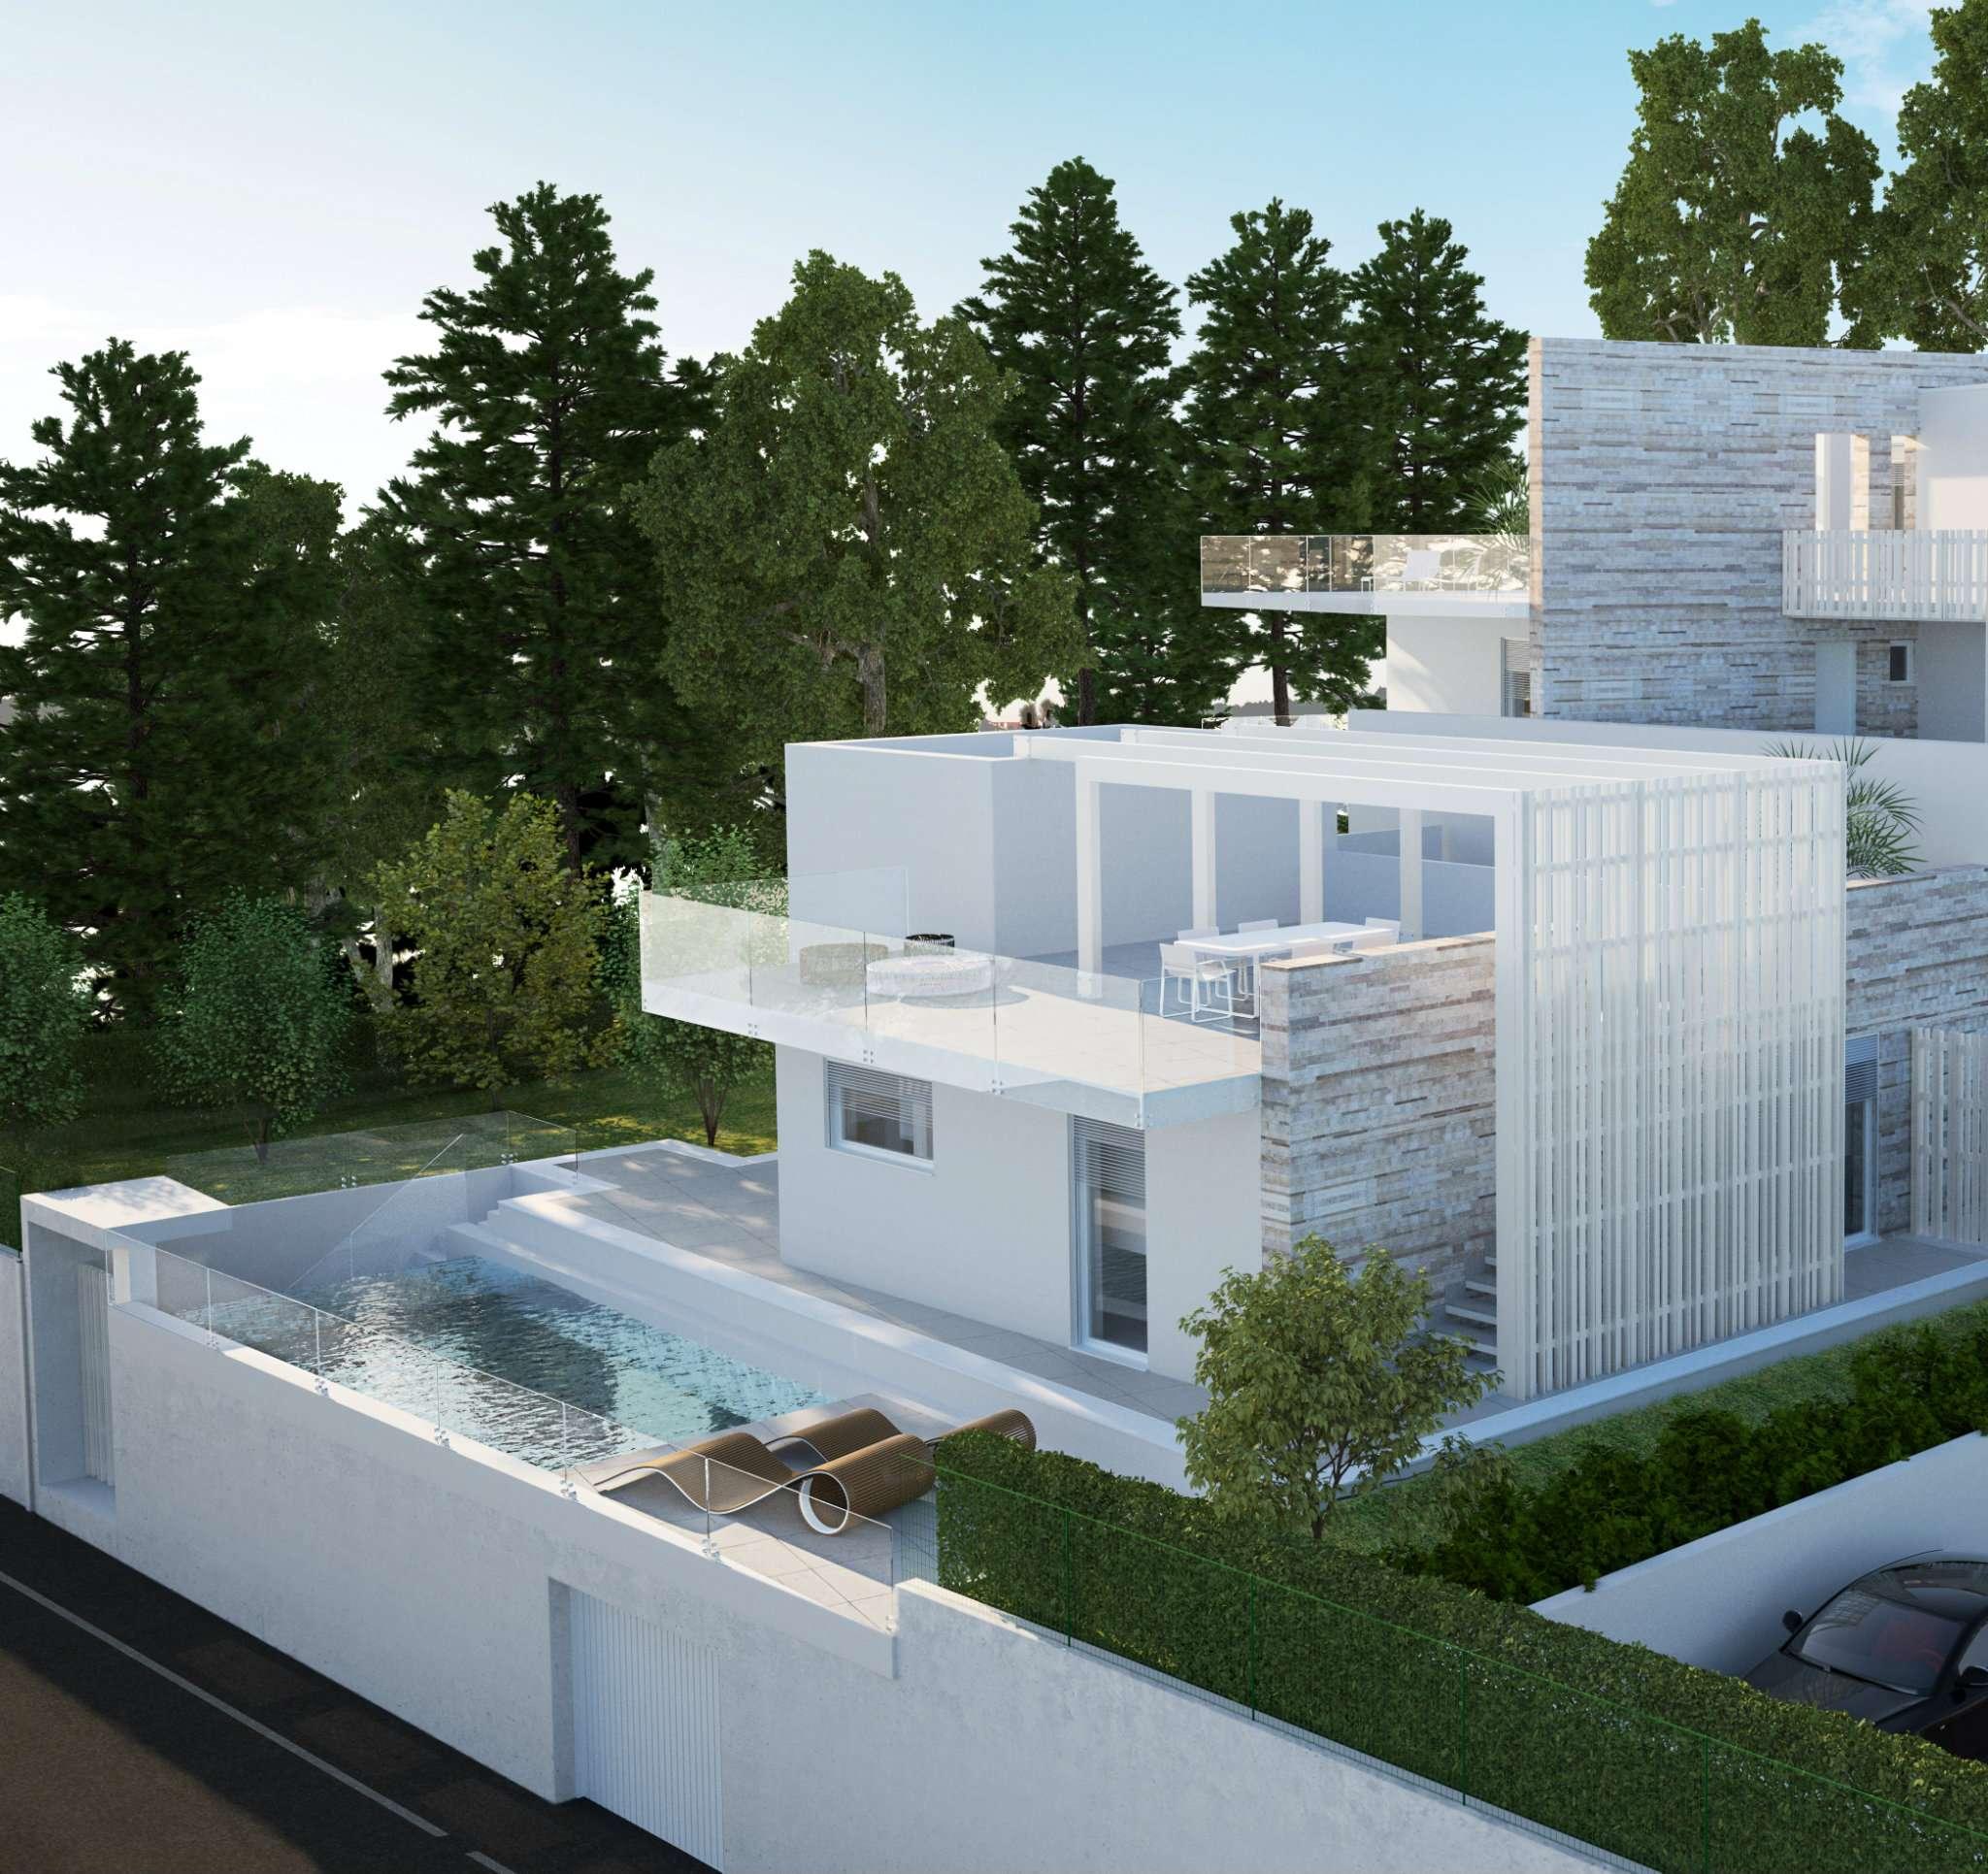 Villa in vendita a Ancona, 5 locali, Trattative riservate | Cambio Casa.it